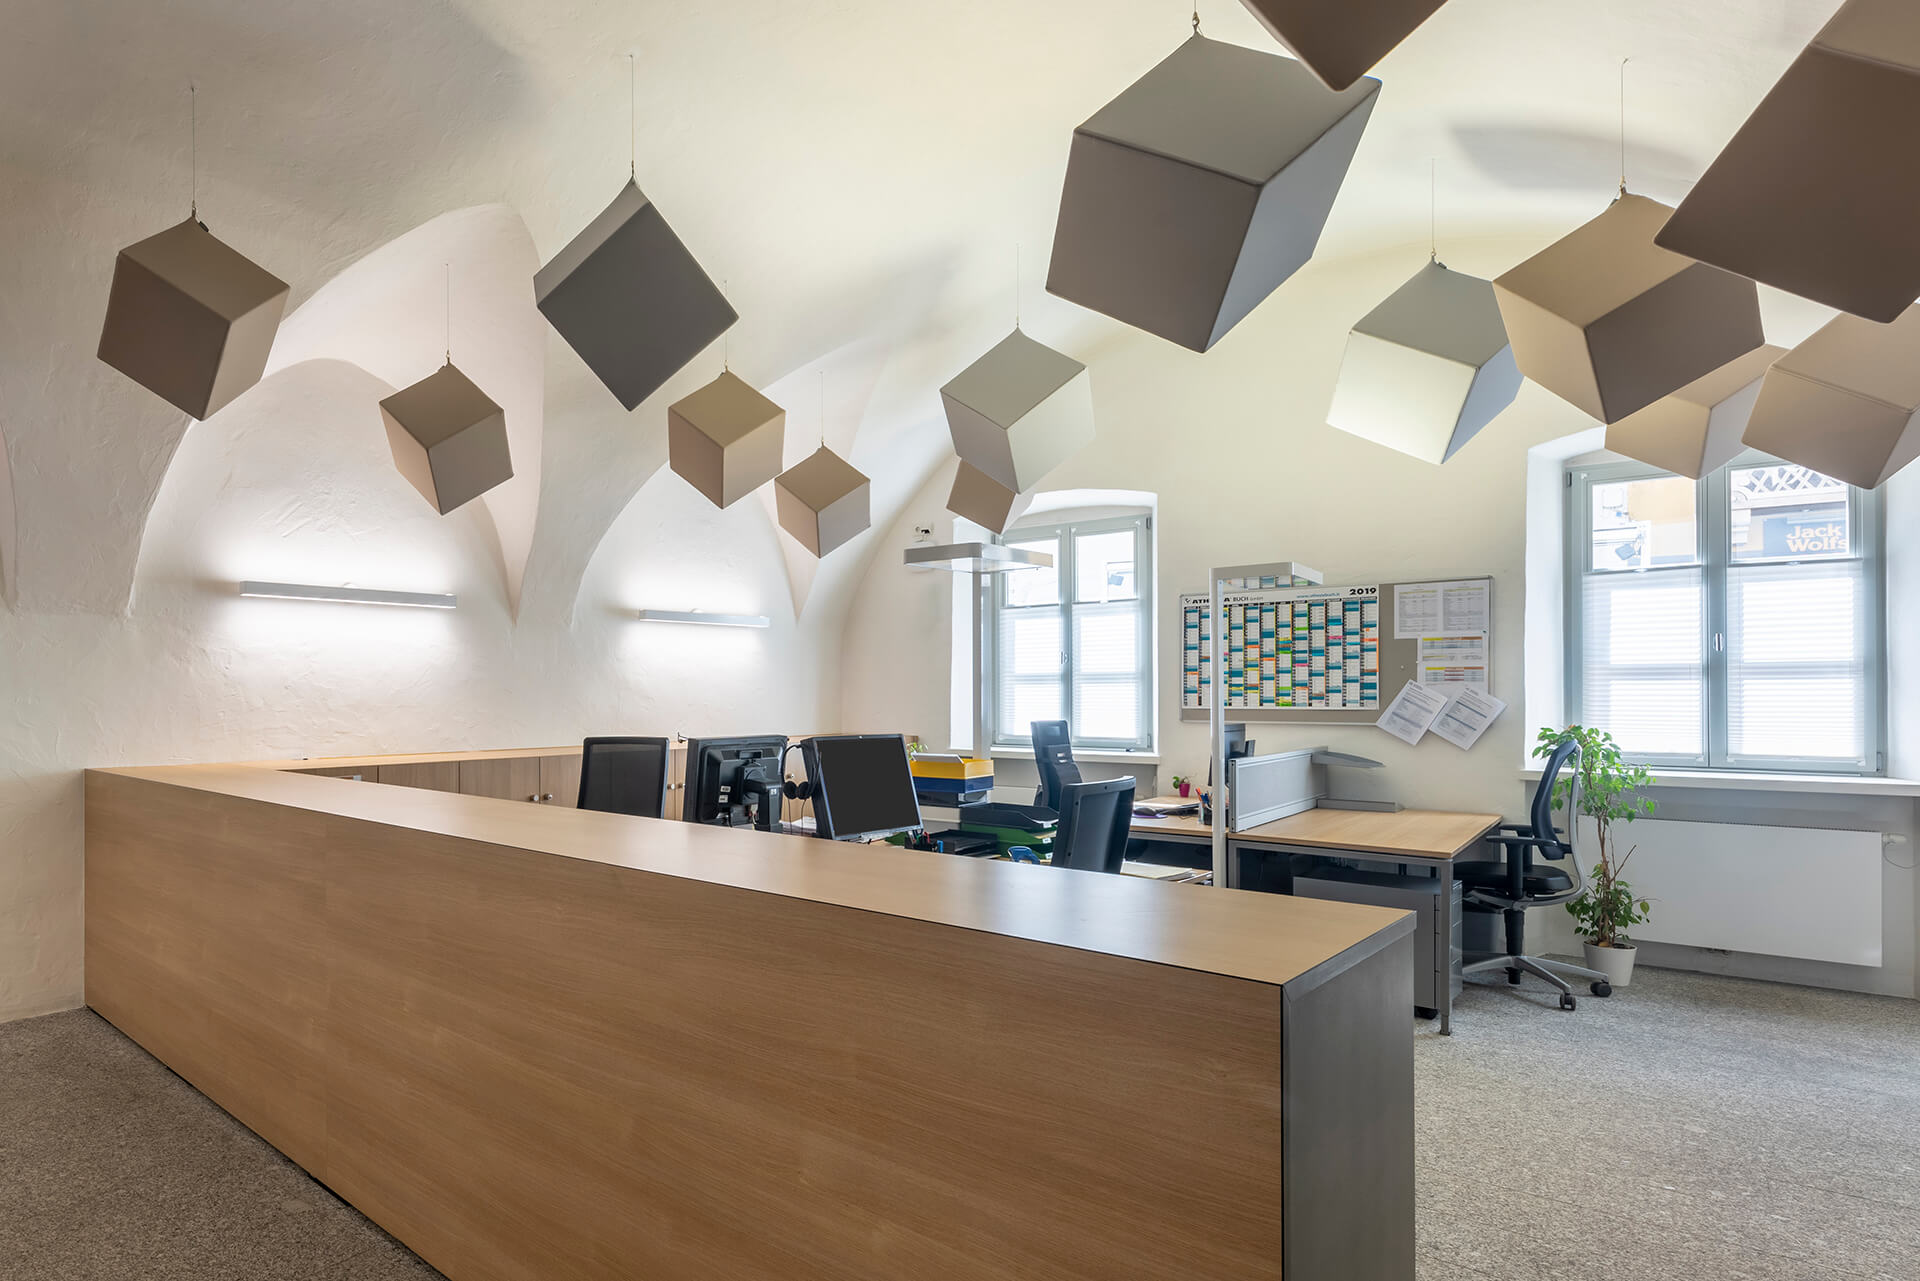 Università-Bolzano-pannelli-fonoassorbenti-kubo-caruso-acoustic-23